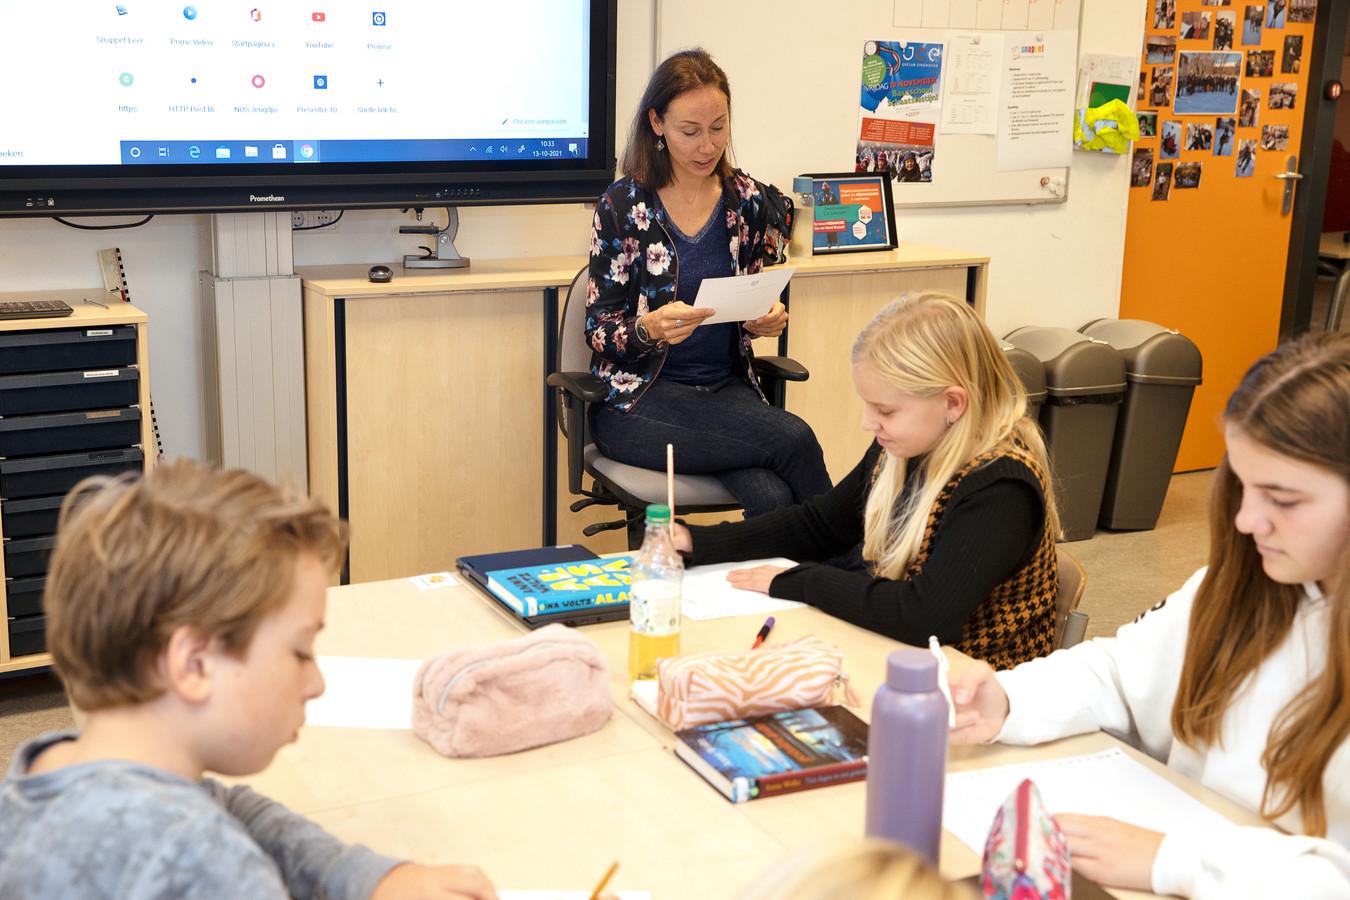 Voorronde van het jaarlijkse Augdictee. Kinderboekenschrijfster Anna Woltz leest het dictee voor aan groep 8 van basisschool De Wilakkers.